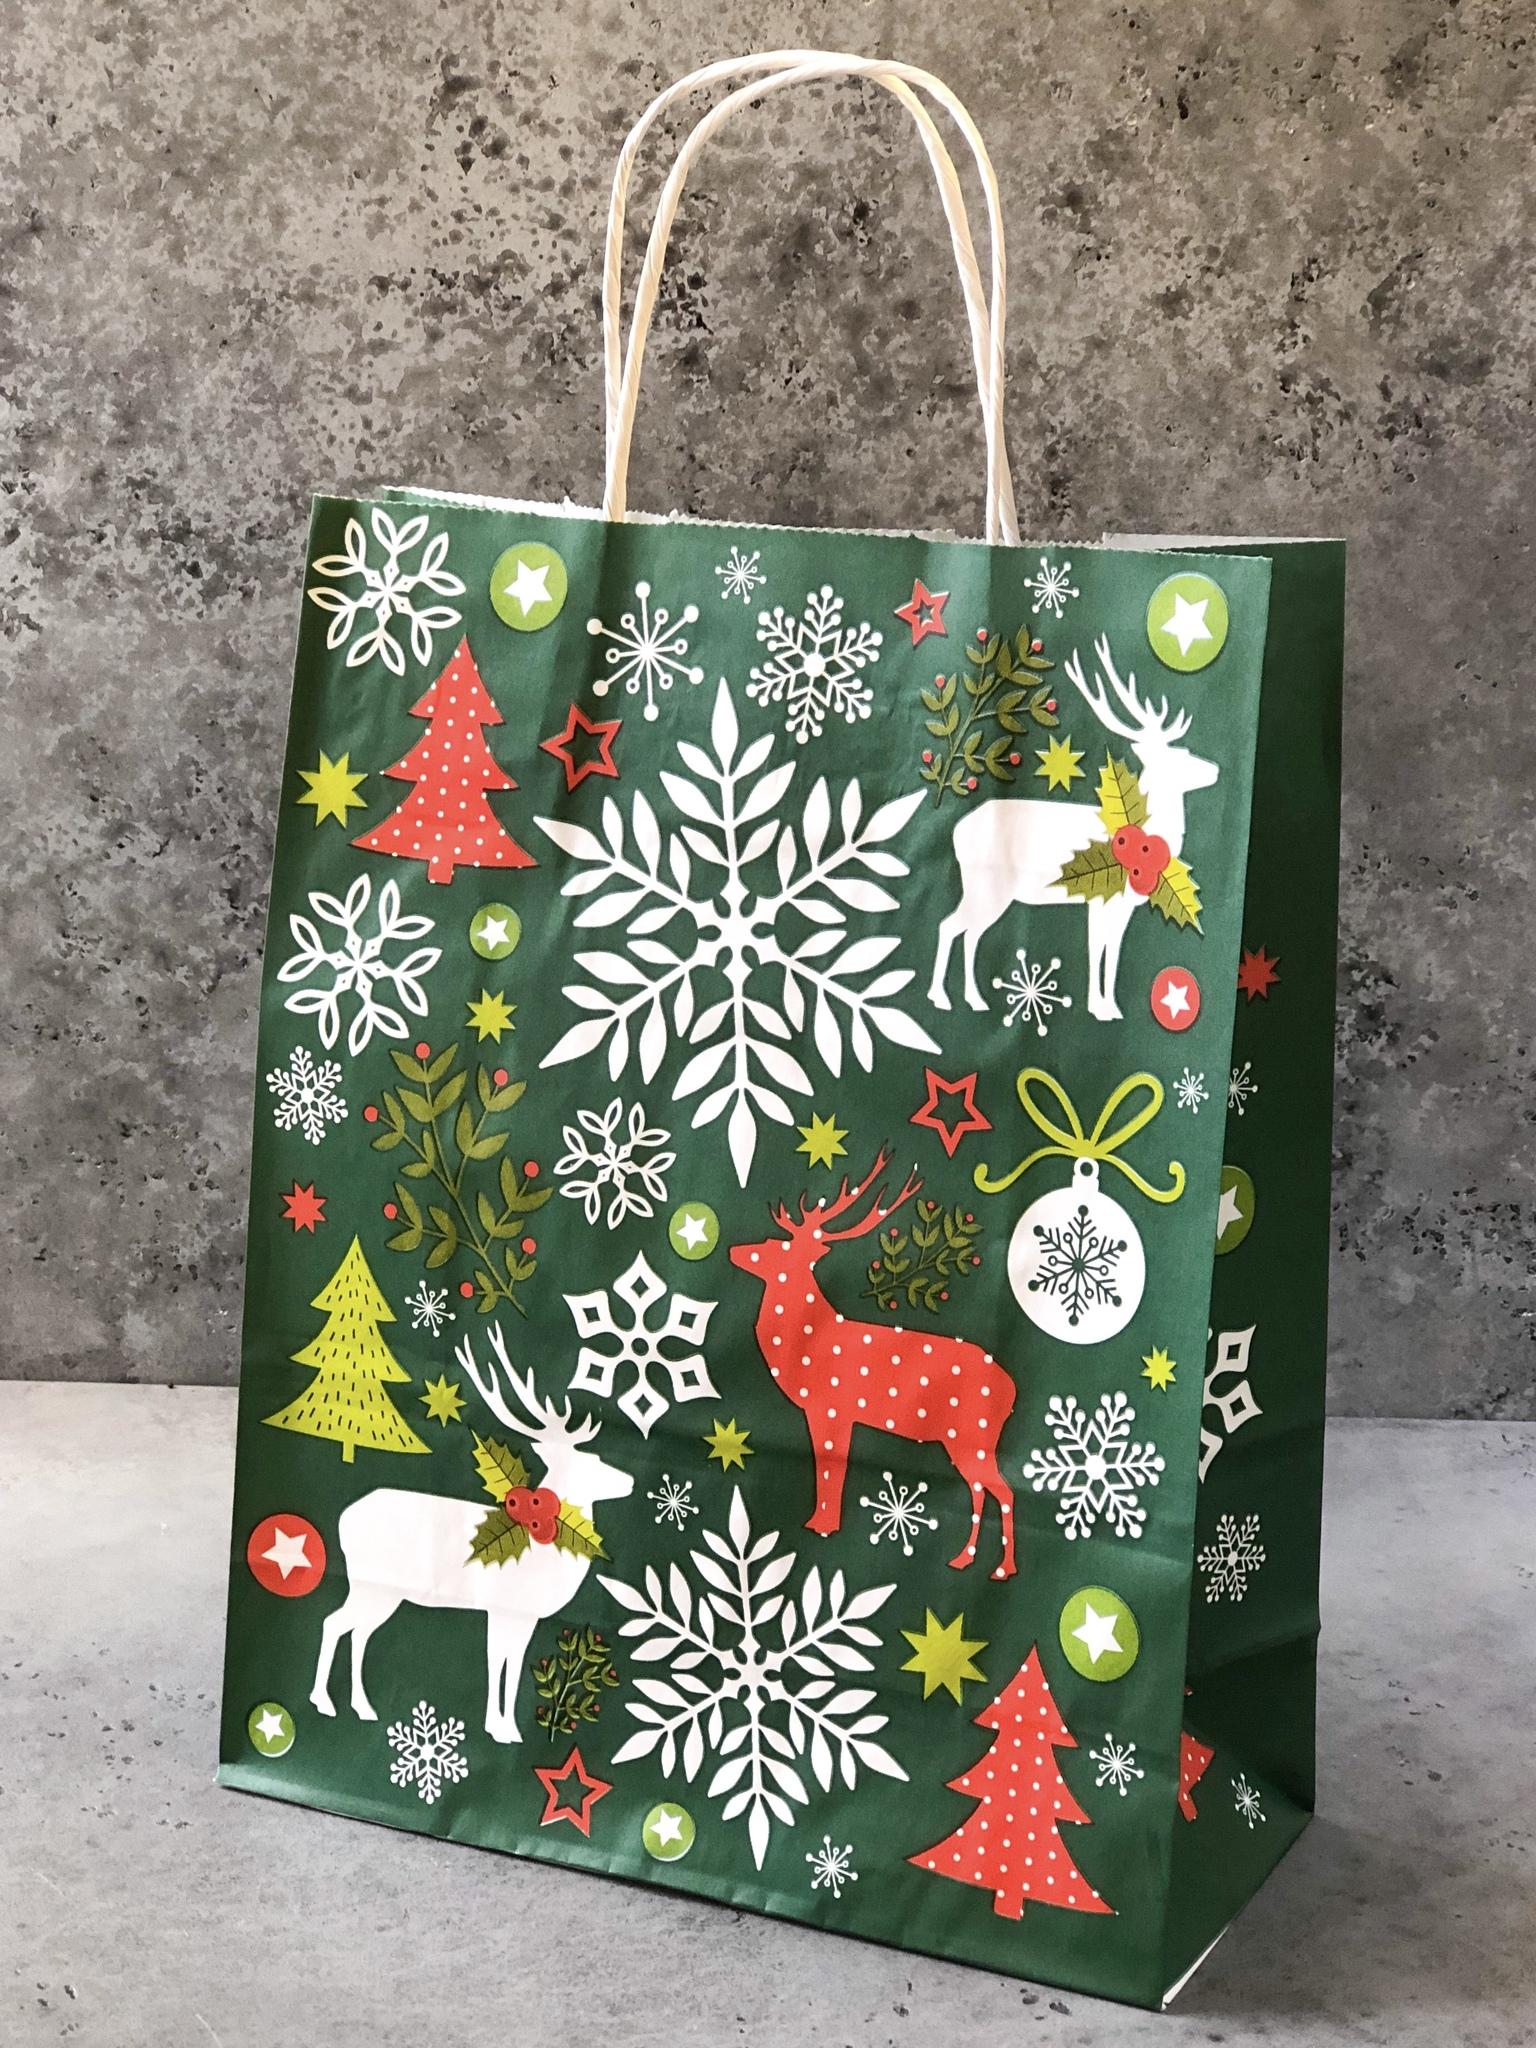 Пакет новогодний ЗЕЛЕНЫЙ «Северное сияние», 25×11×32 см